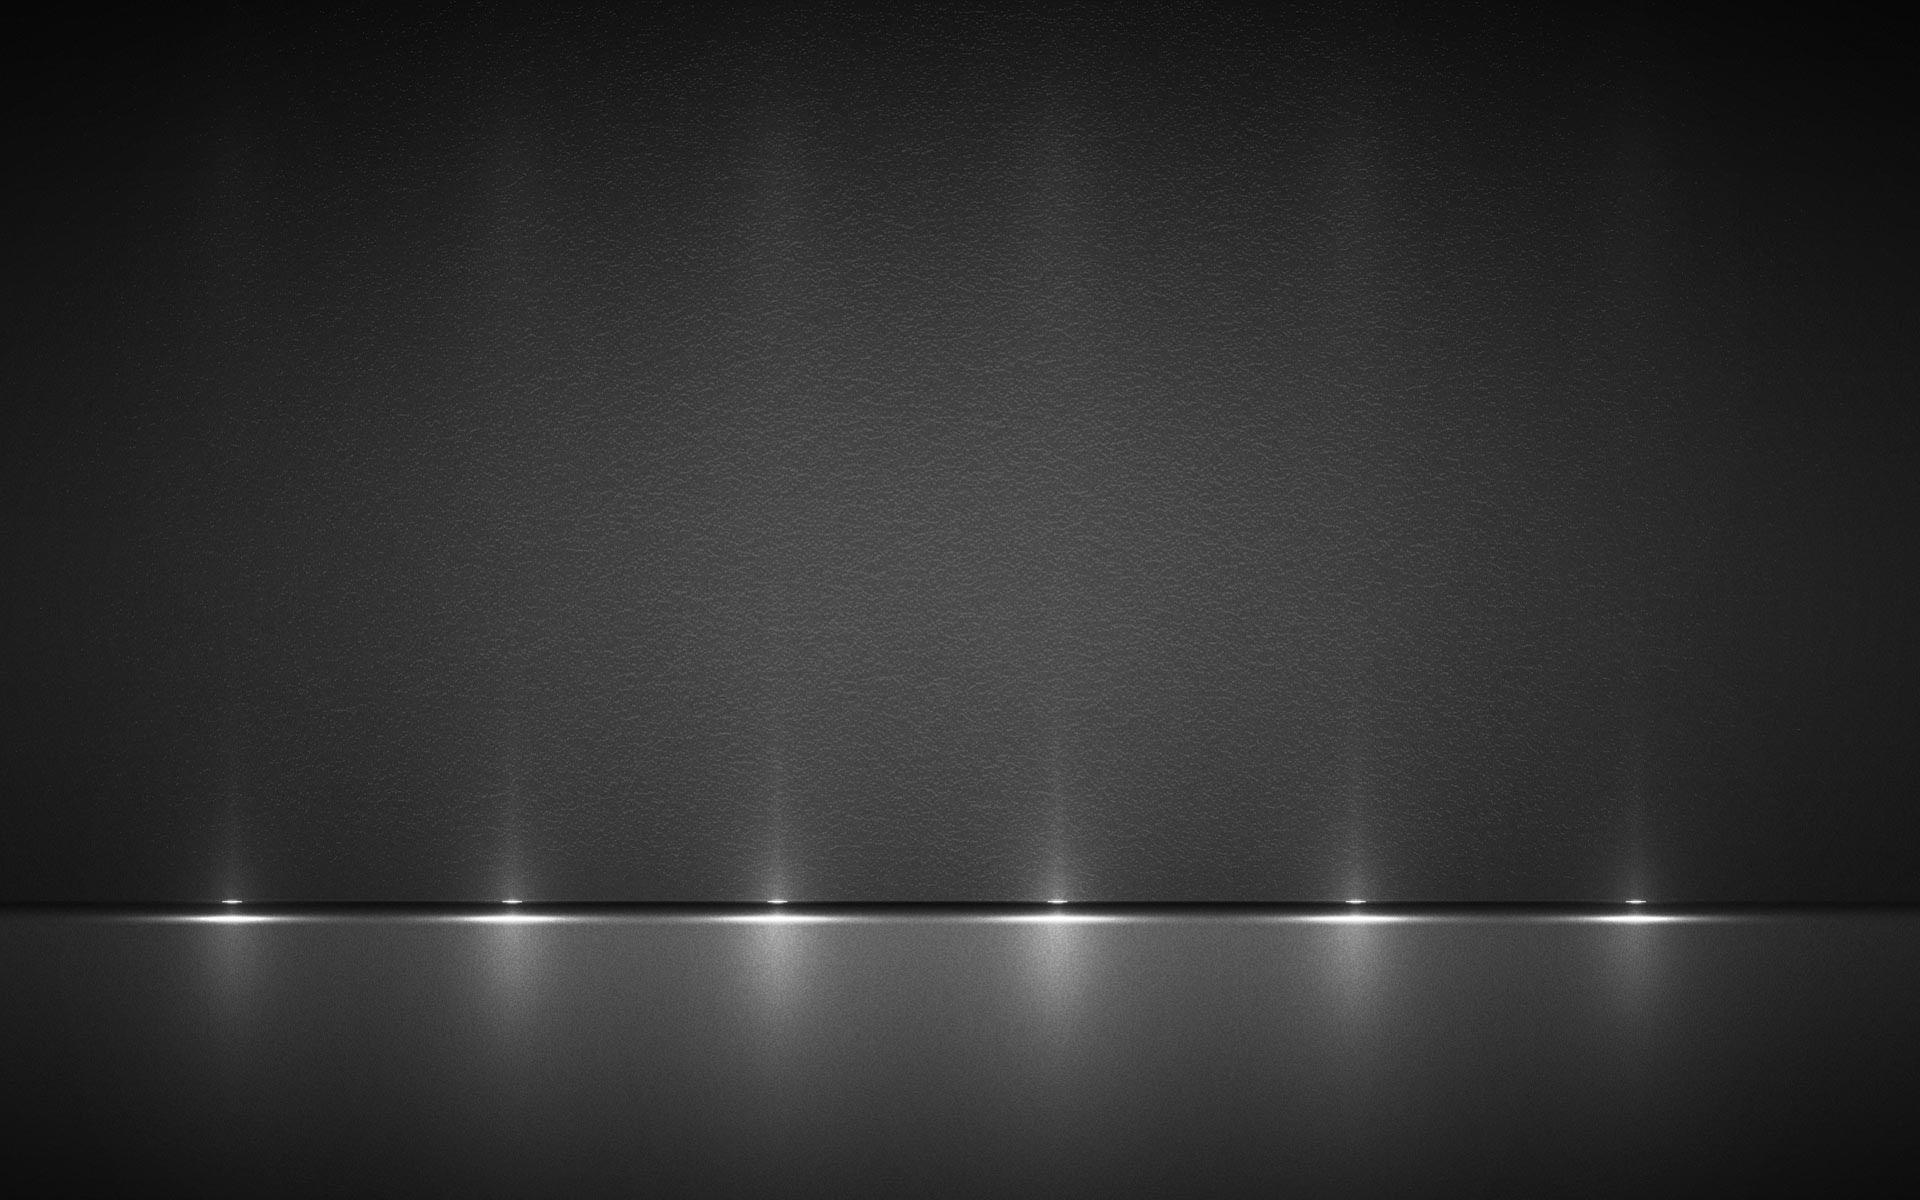 Download 4000 Wallpaper Black Light Hd HD Terbaik